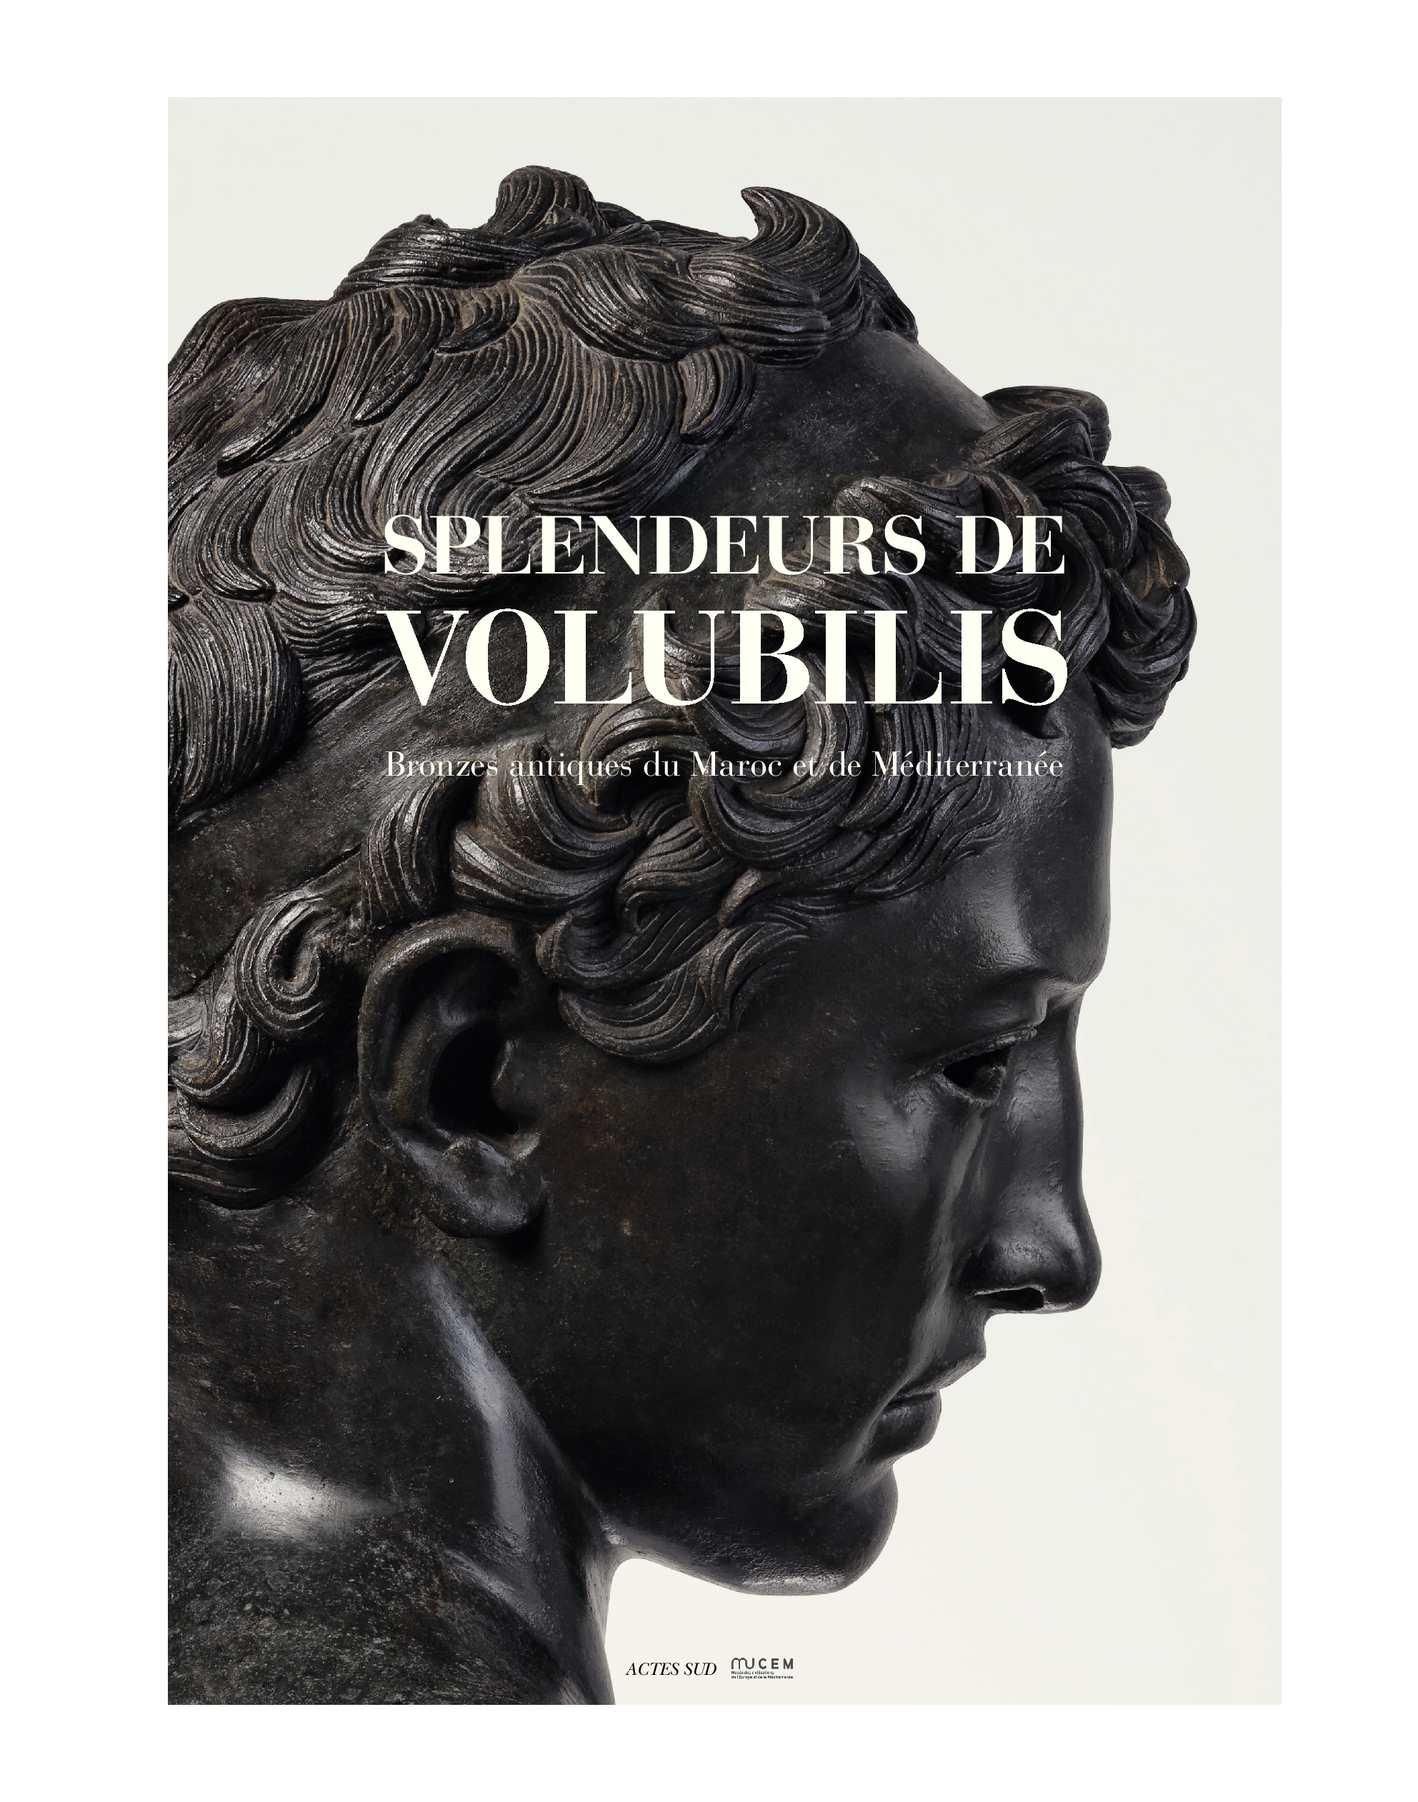 Splendeurs de Volubilis - bronzes antiques du Maroc et de Méditerranée